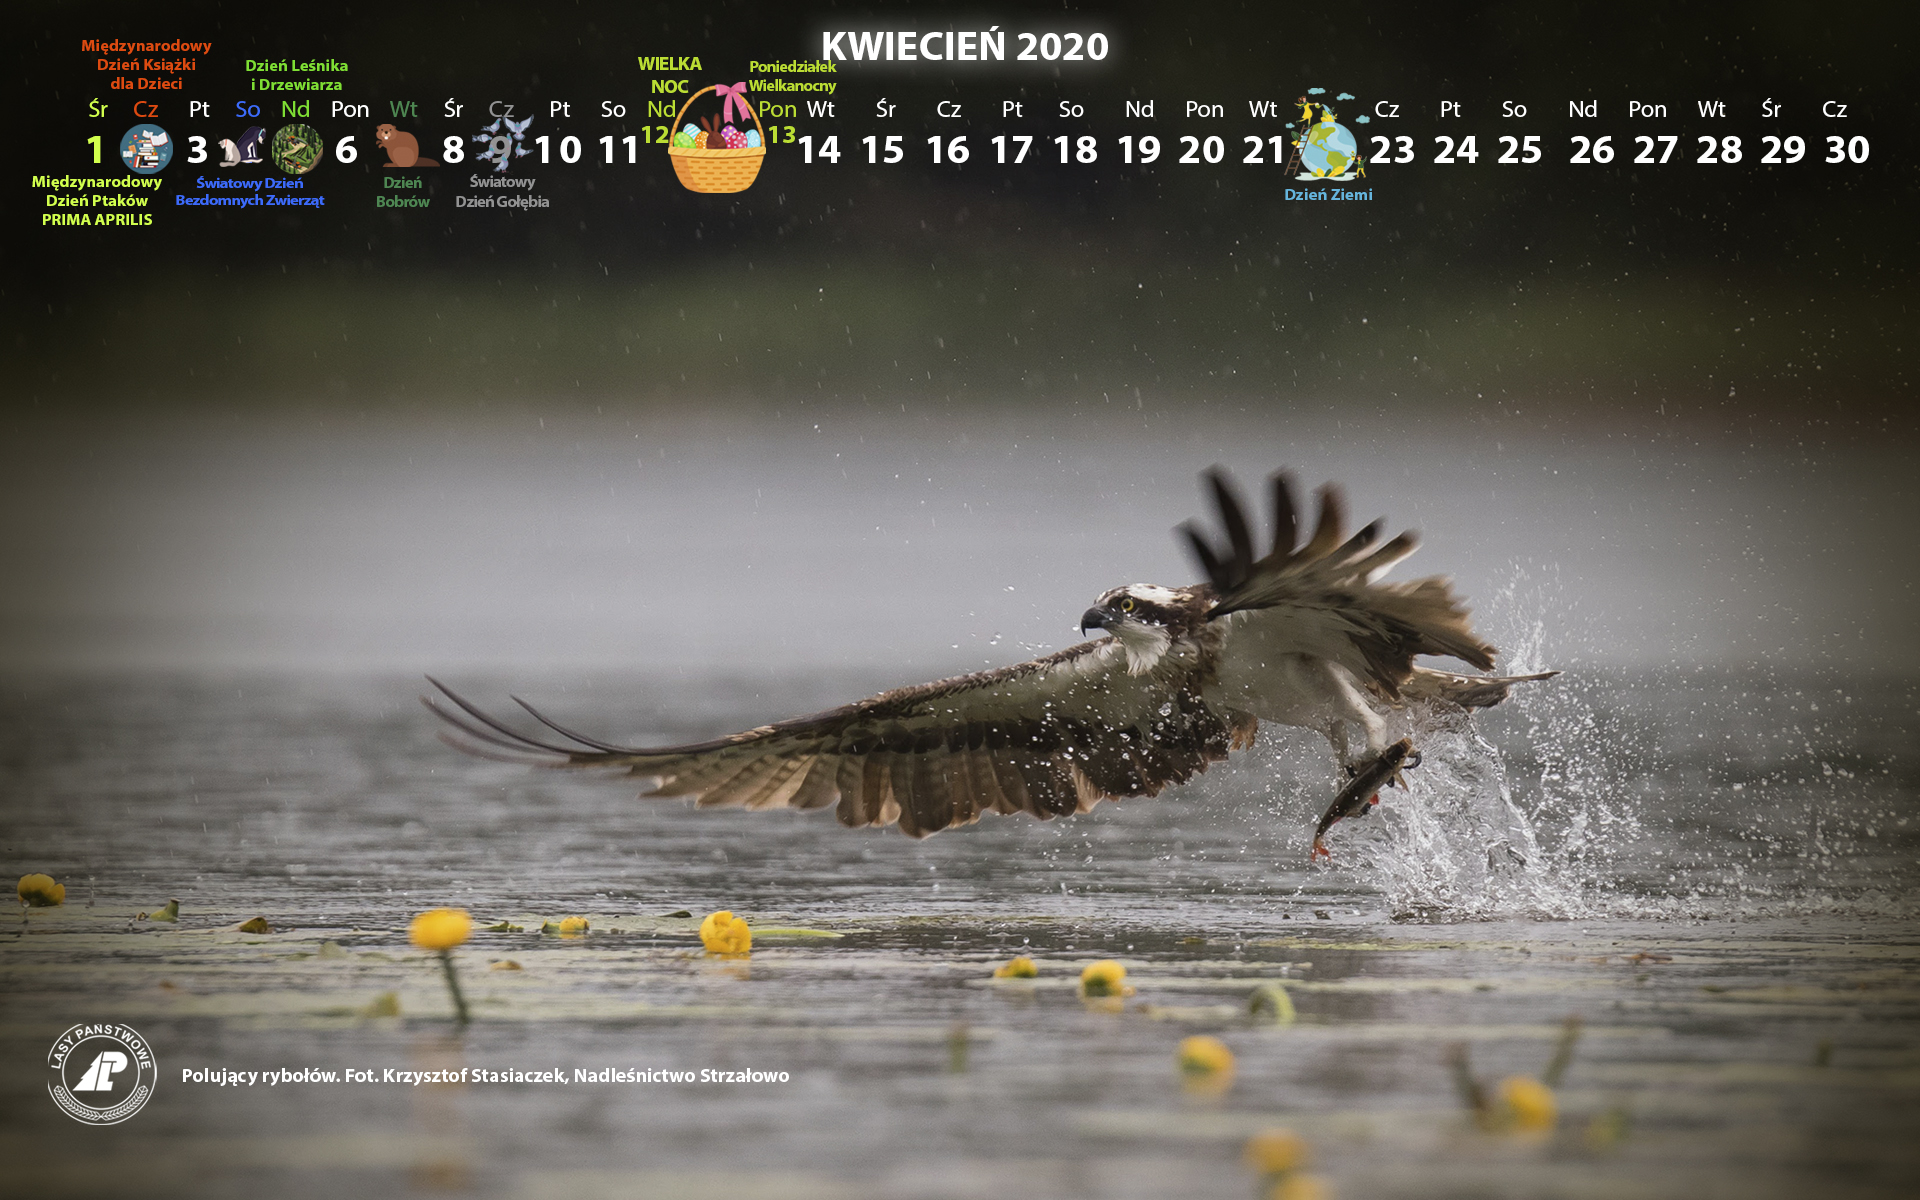 Kalendarz kwiecień 2019 1920x1200.jpg